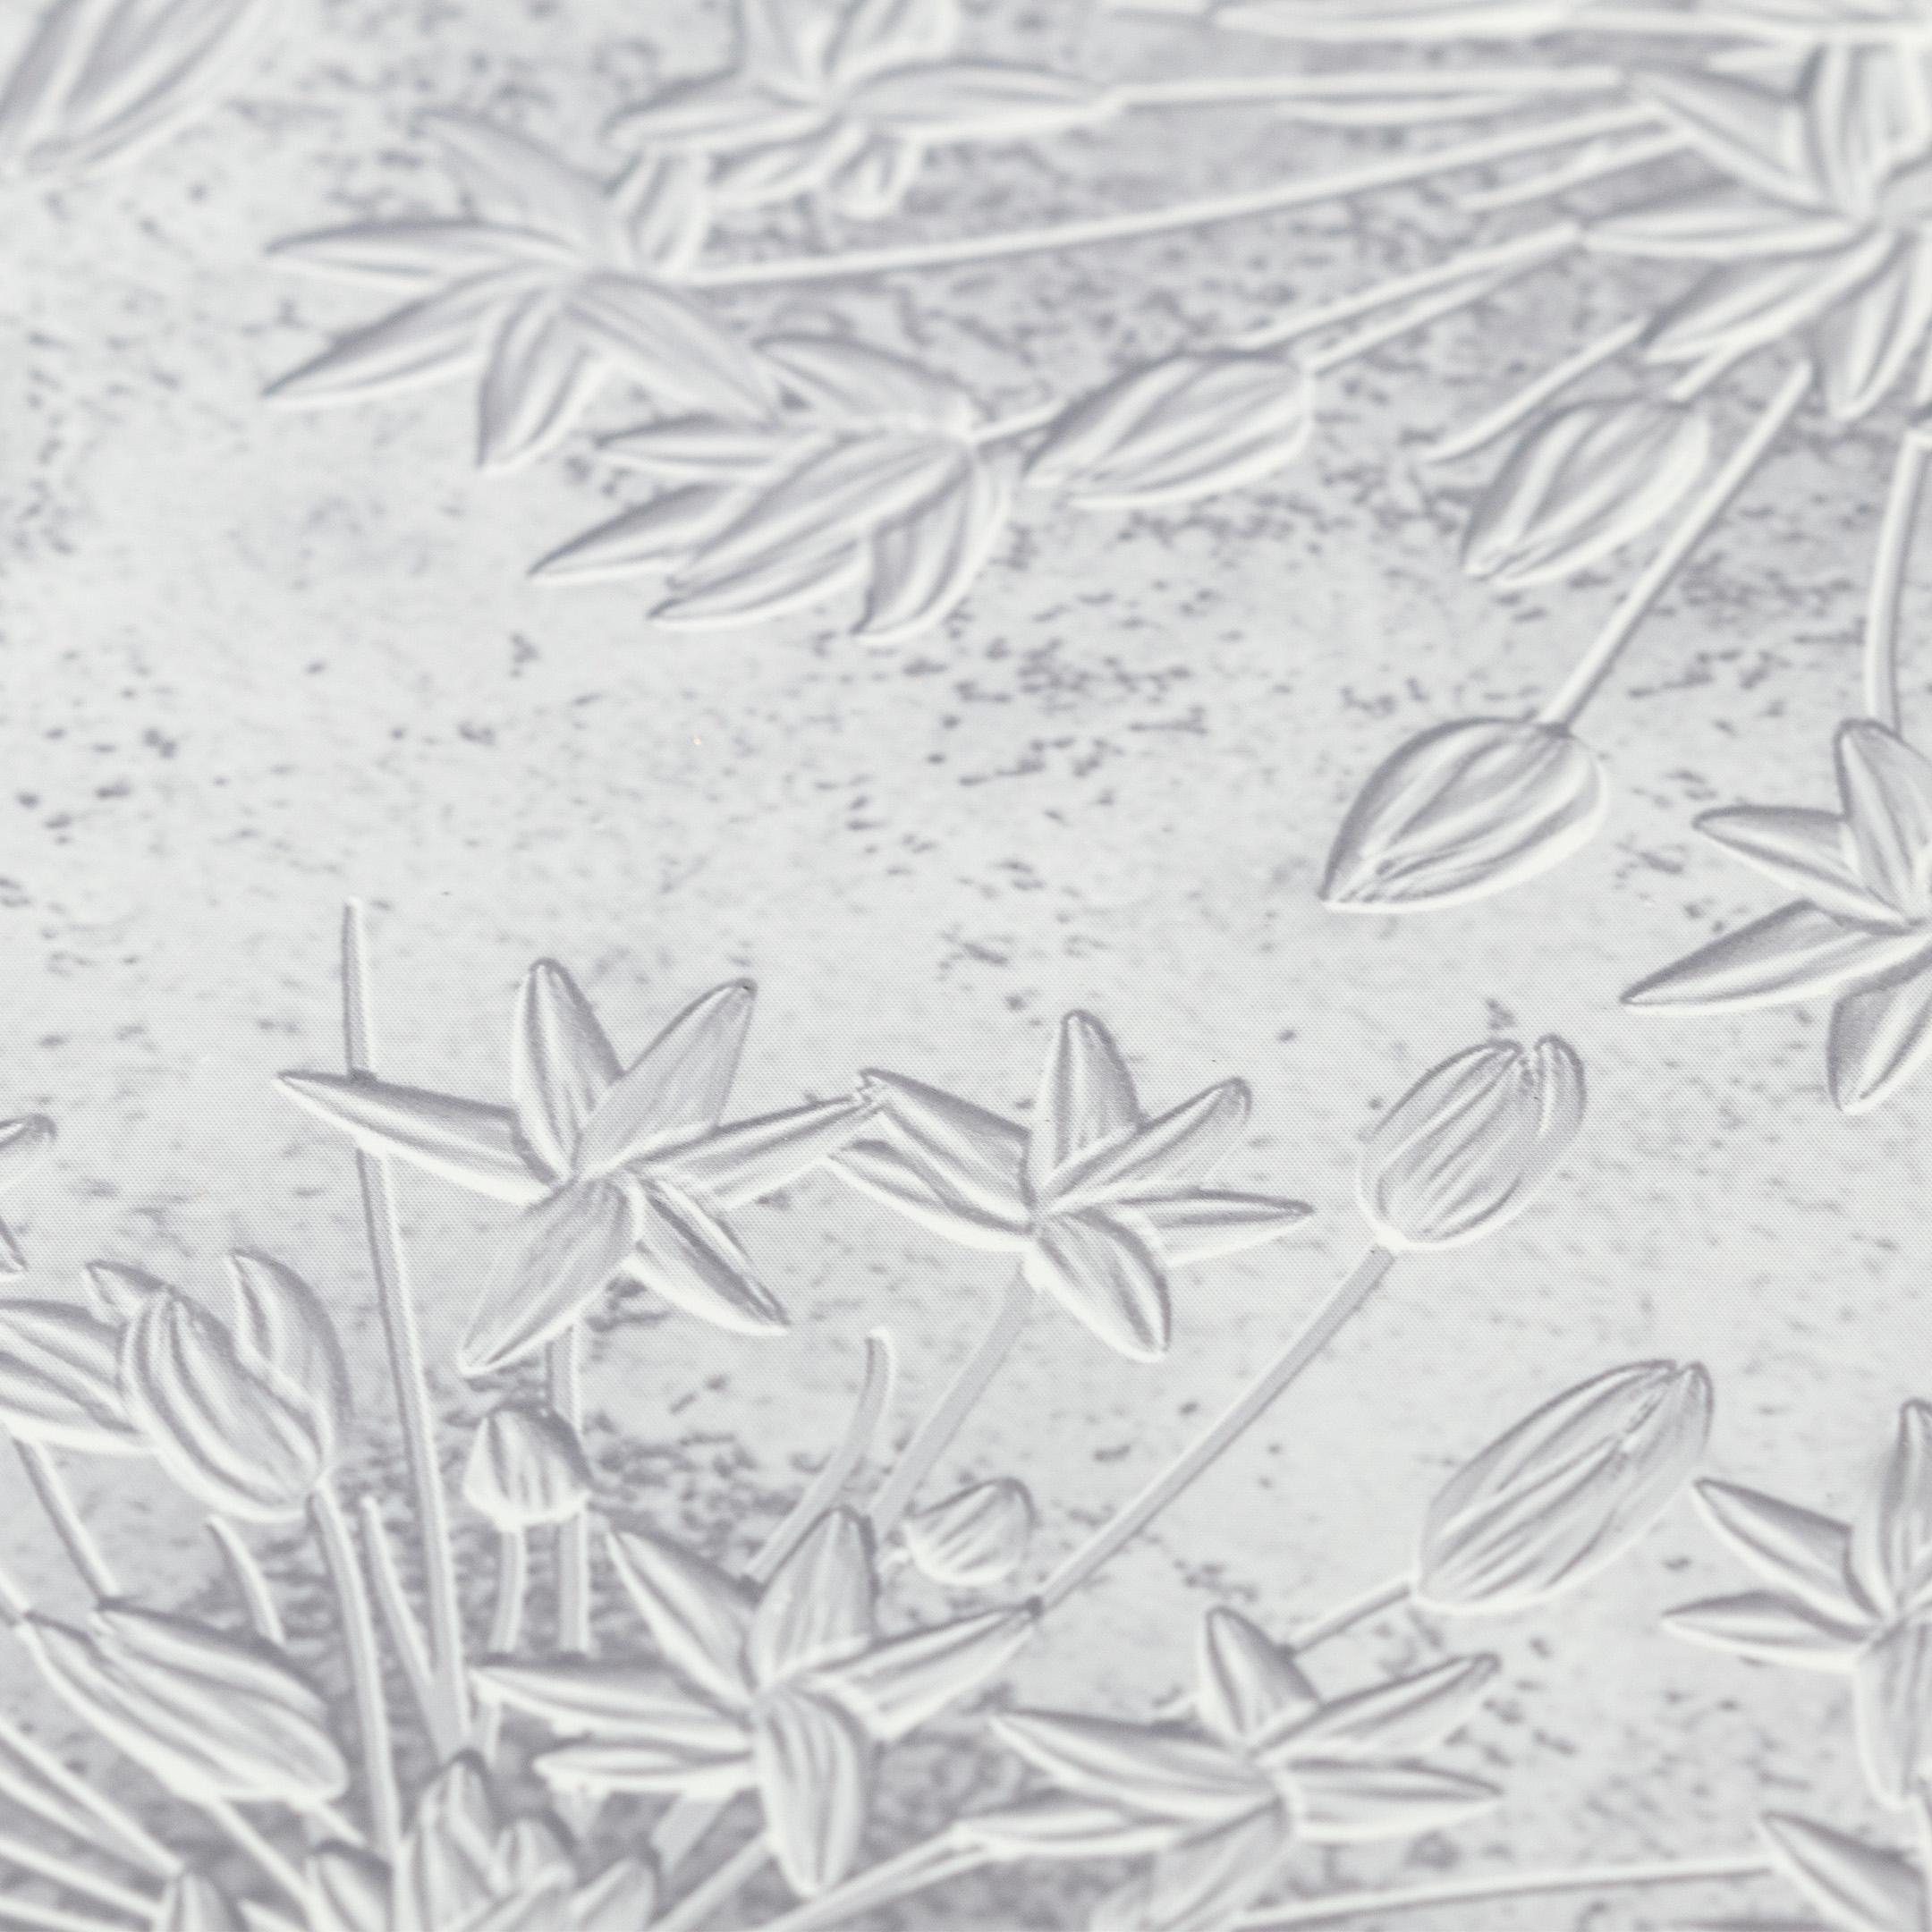 Панель ПВХ 250х2700х8 мм Центурион Нежность серо-сиреневая узор.